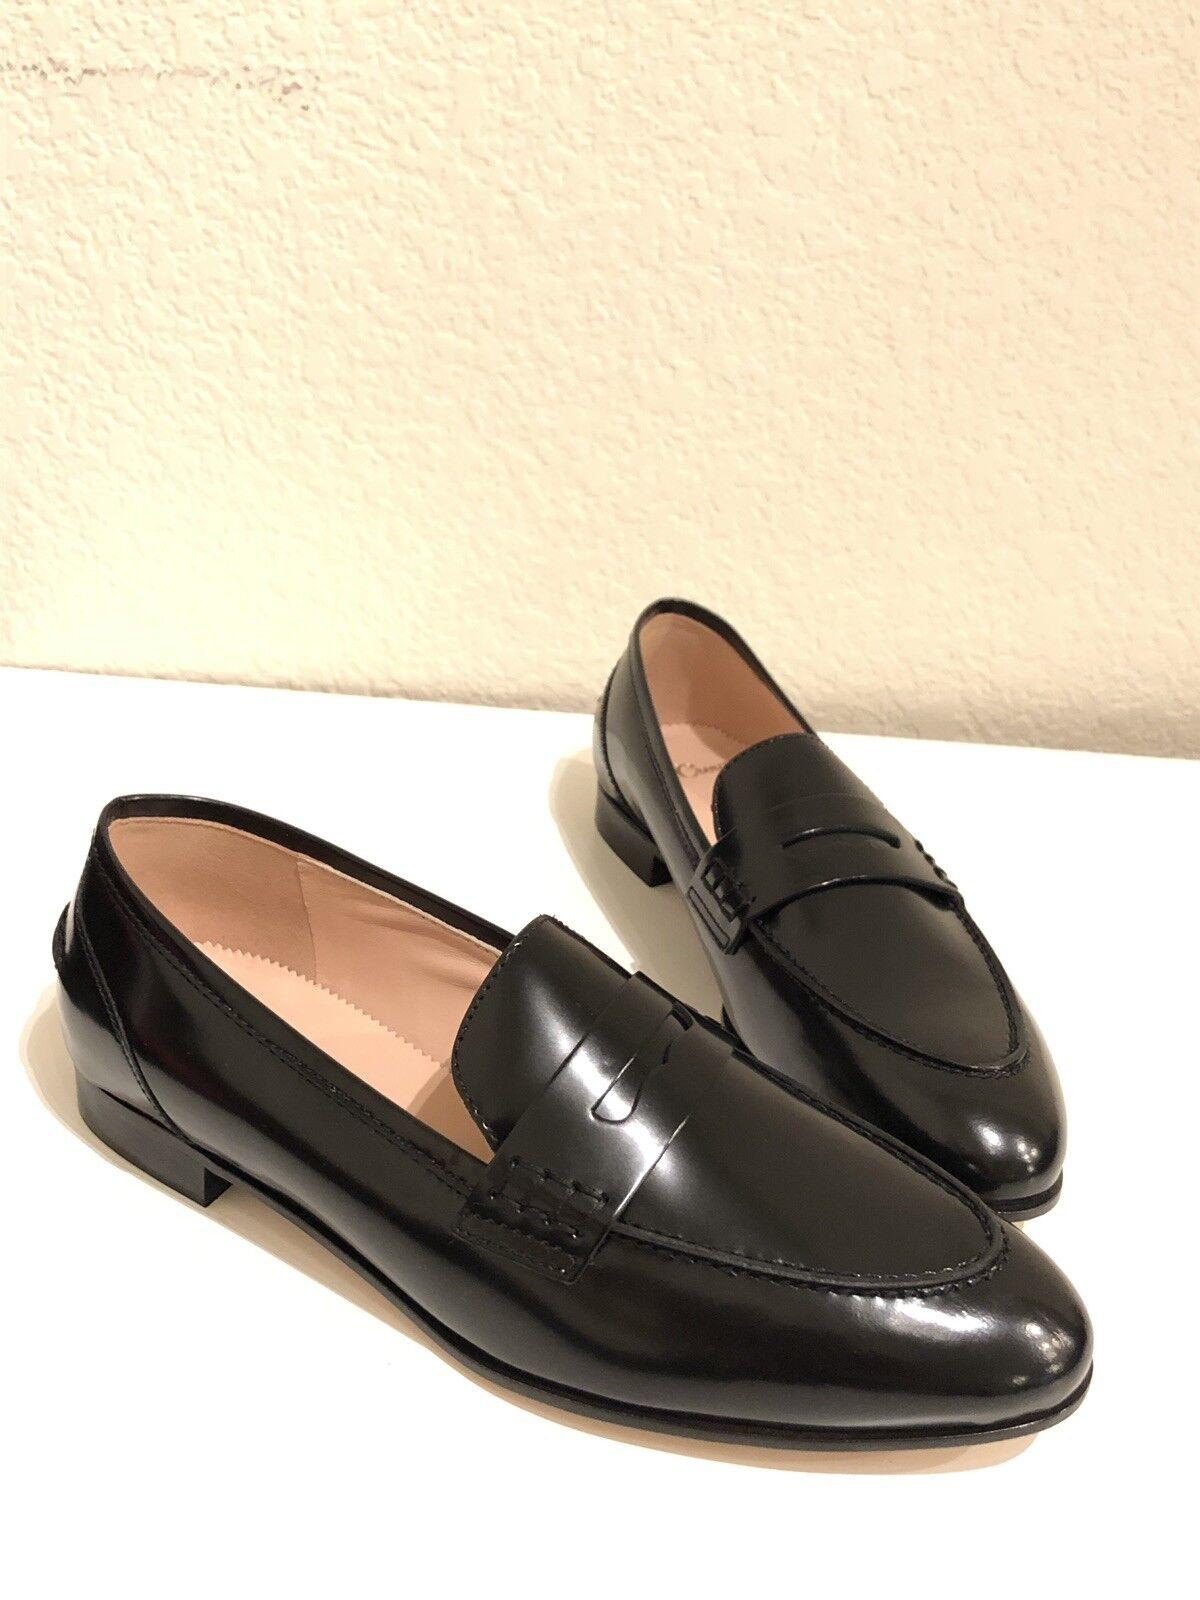 JCrew donna Academy  Penny Leather Lofers Dress scarpe nero 7.5 J8501  distribuzione globale